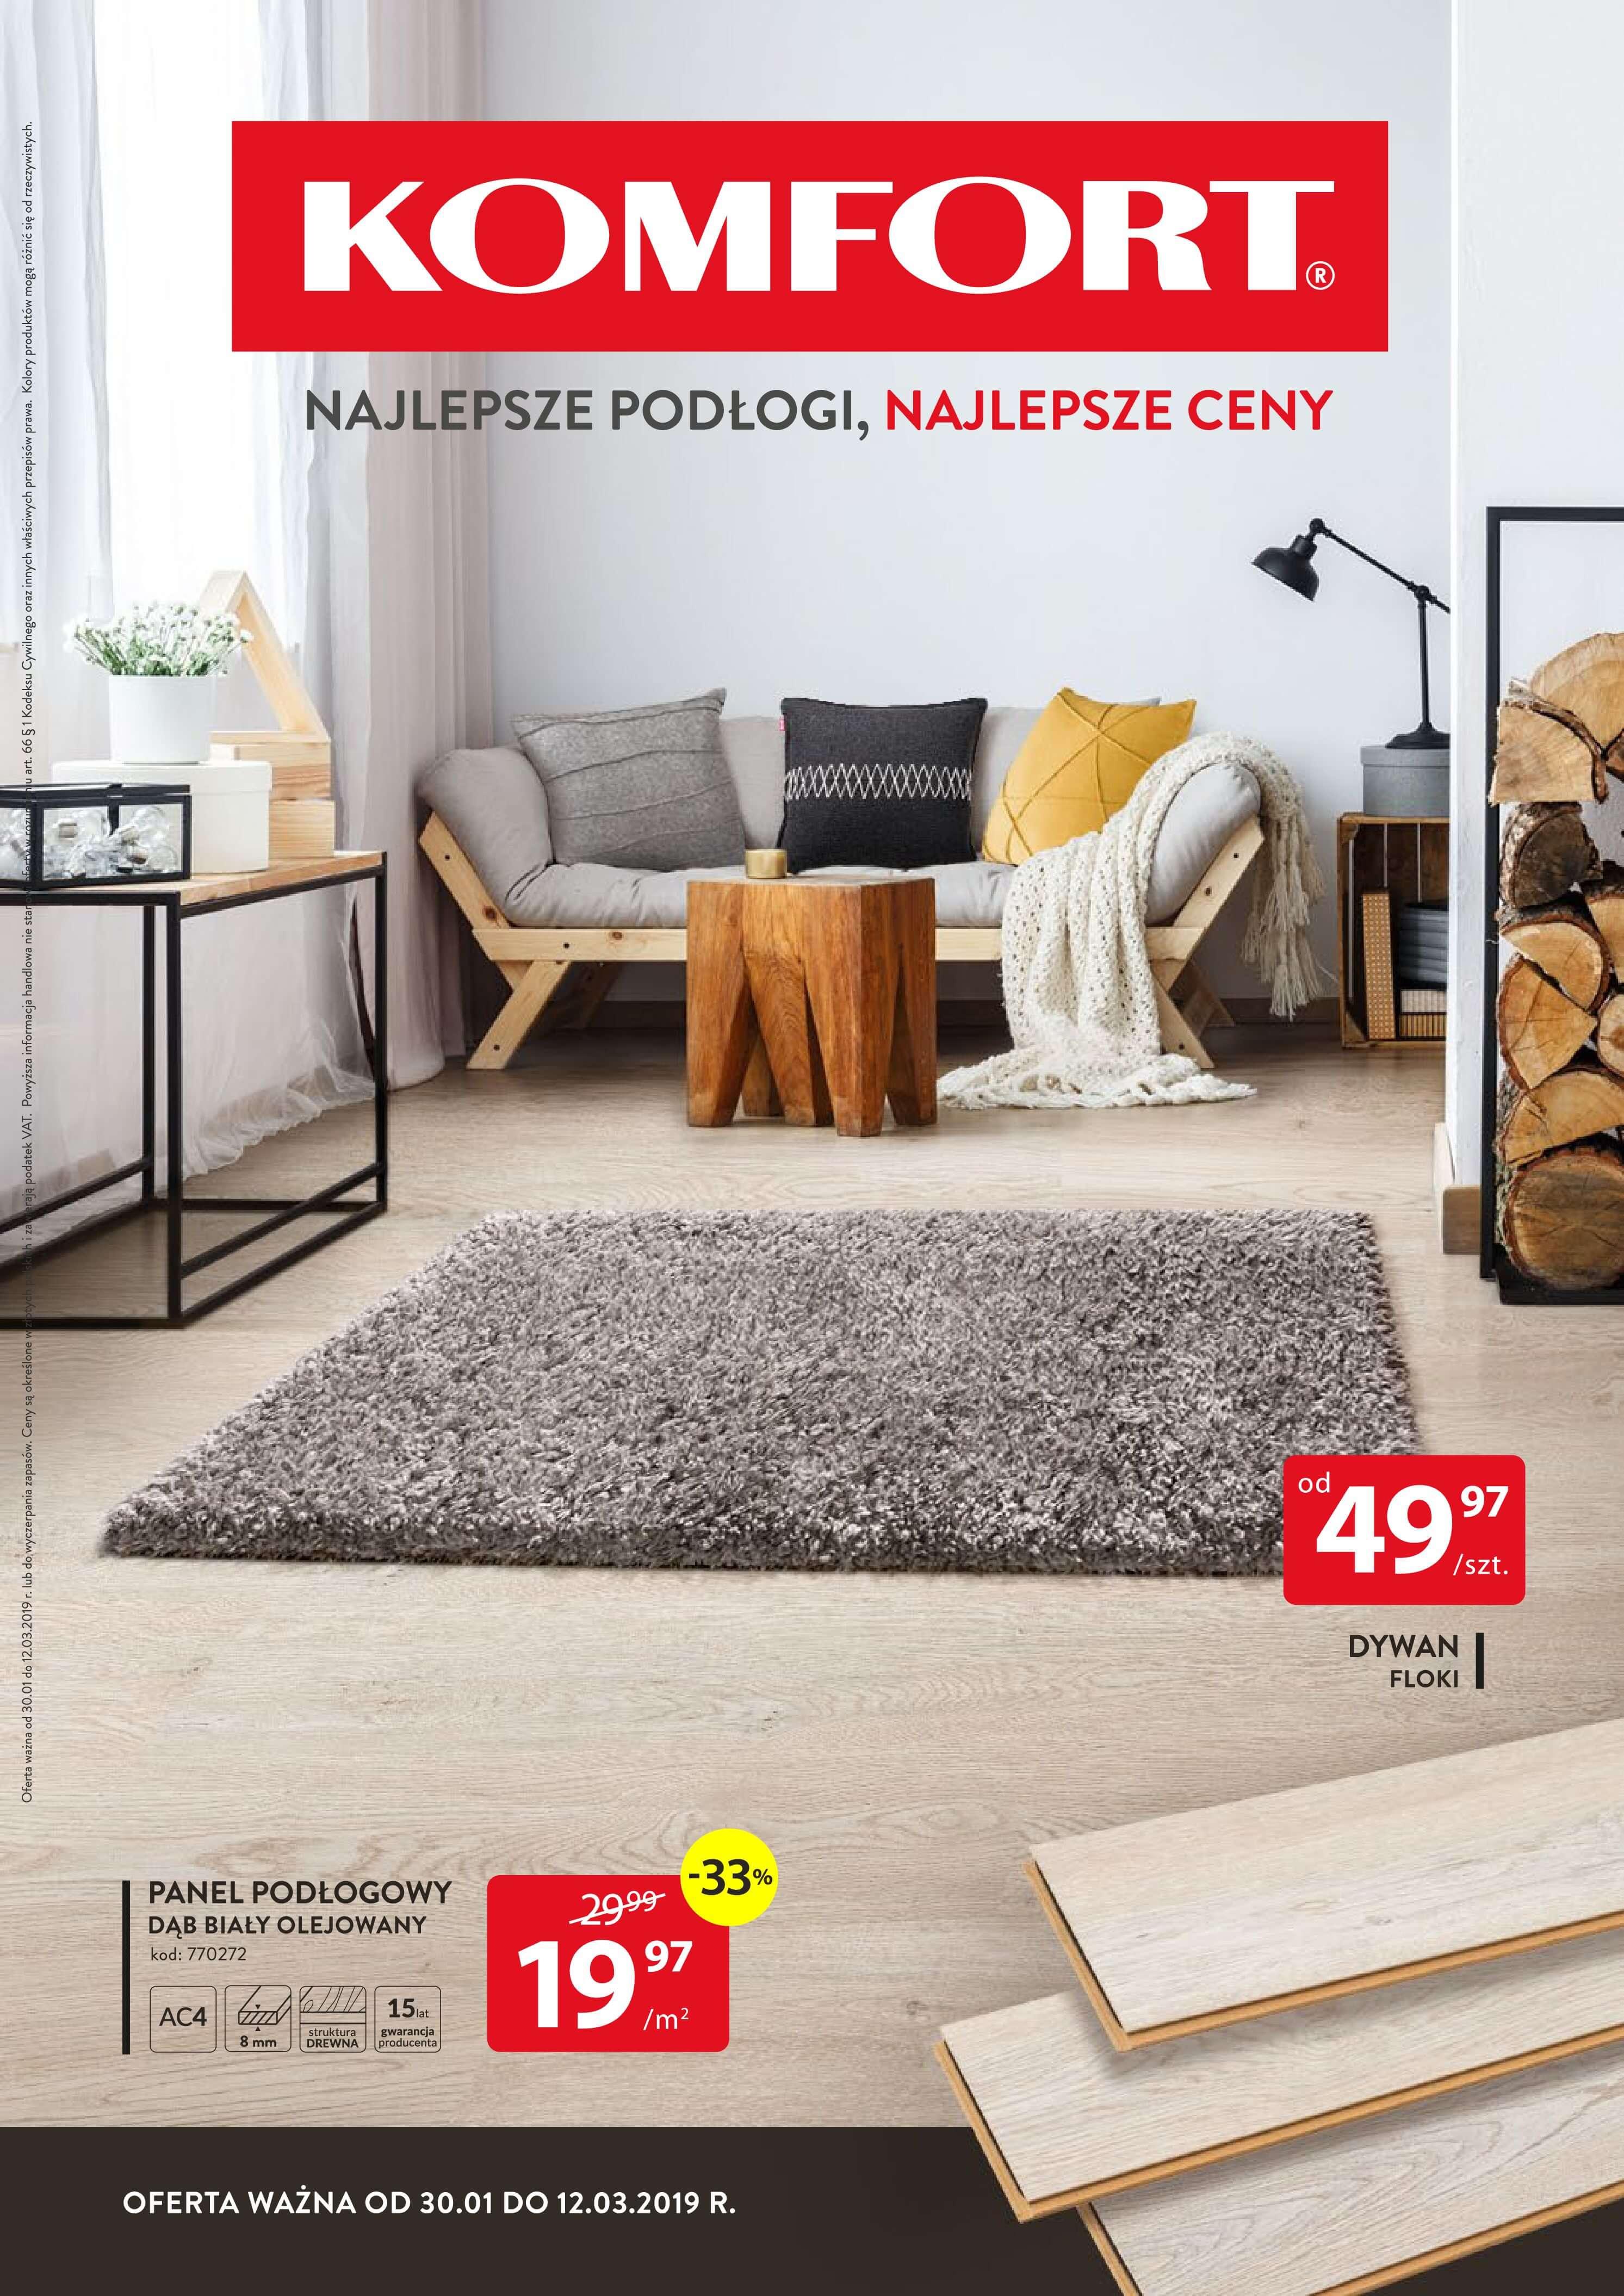 Gazetka Komfort - Najlepsze podłogi, najlepsze ceny-29.01.2019-12.03.2019-page-